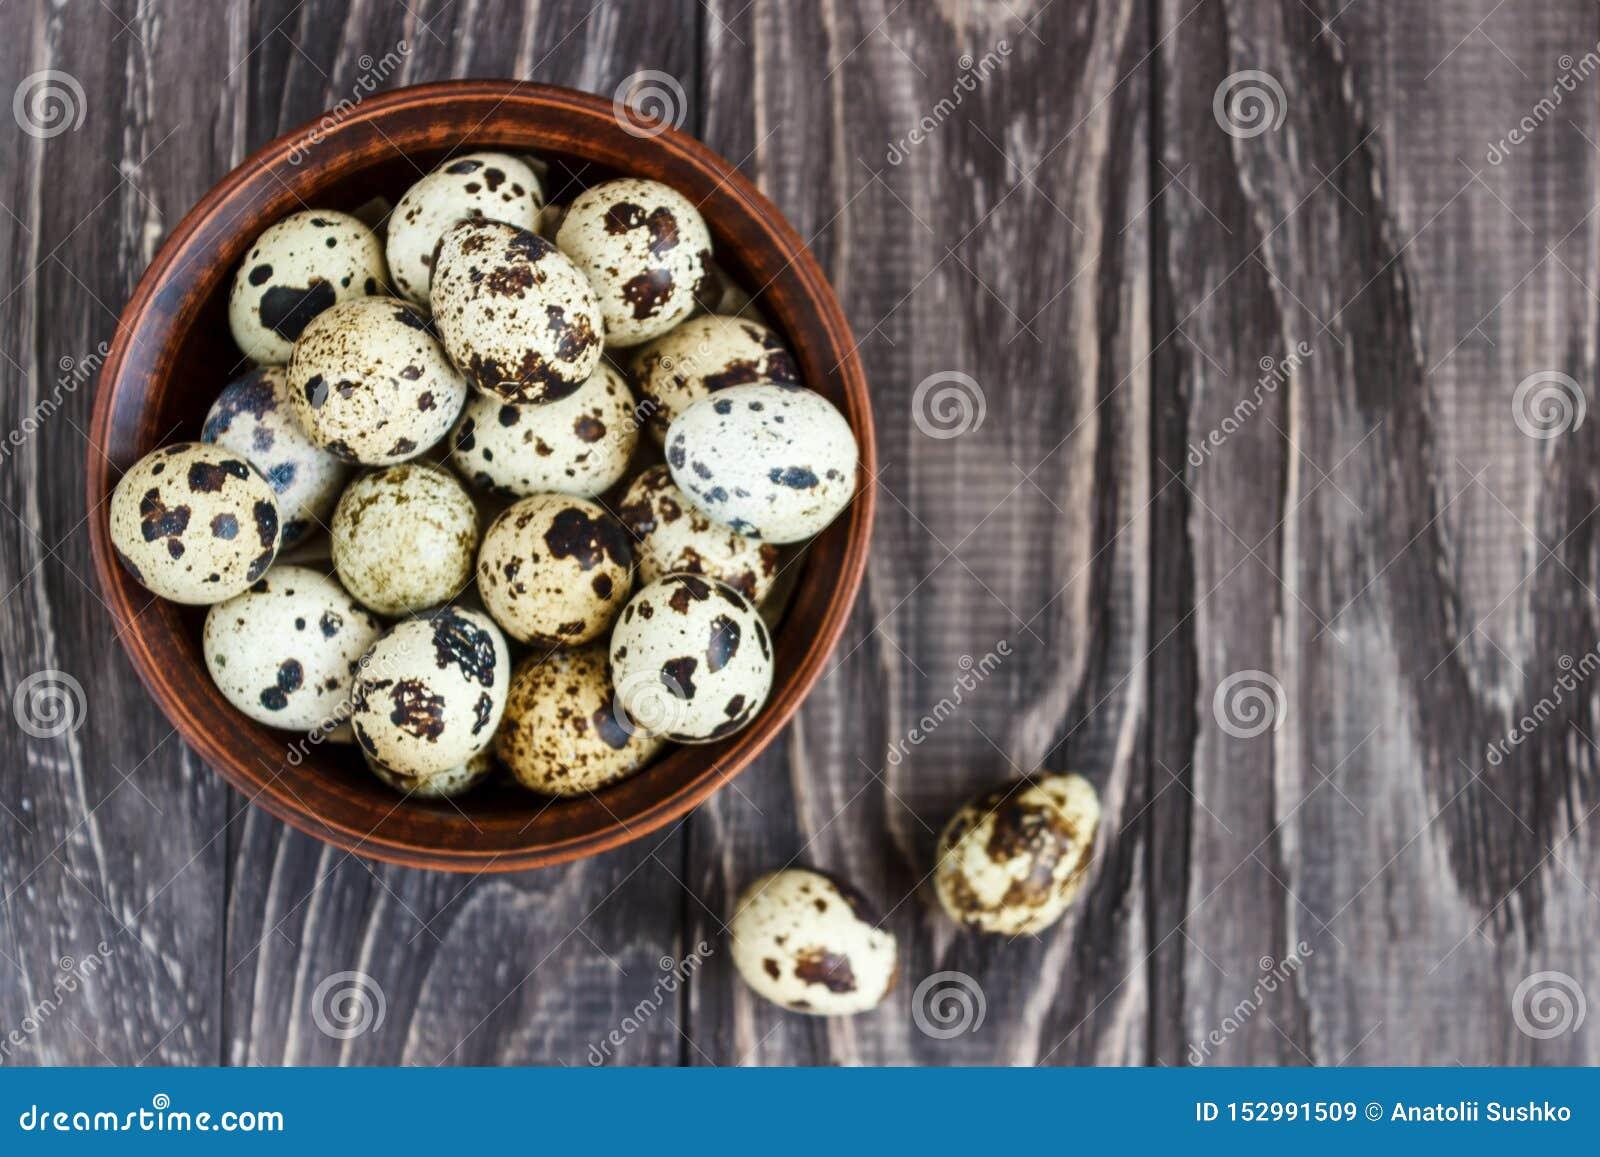 Яйца триперсток в плите глины на деревянной предпосылке, плите для хранить яйца триперсток, символ сезона пасхи r